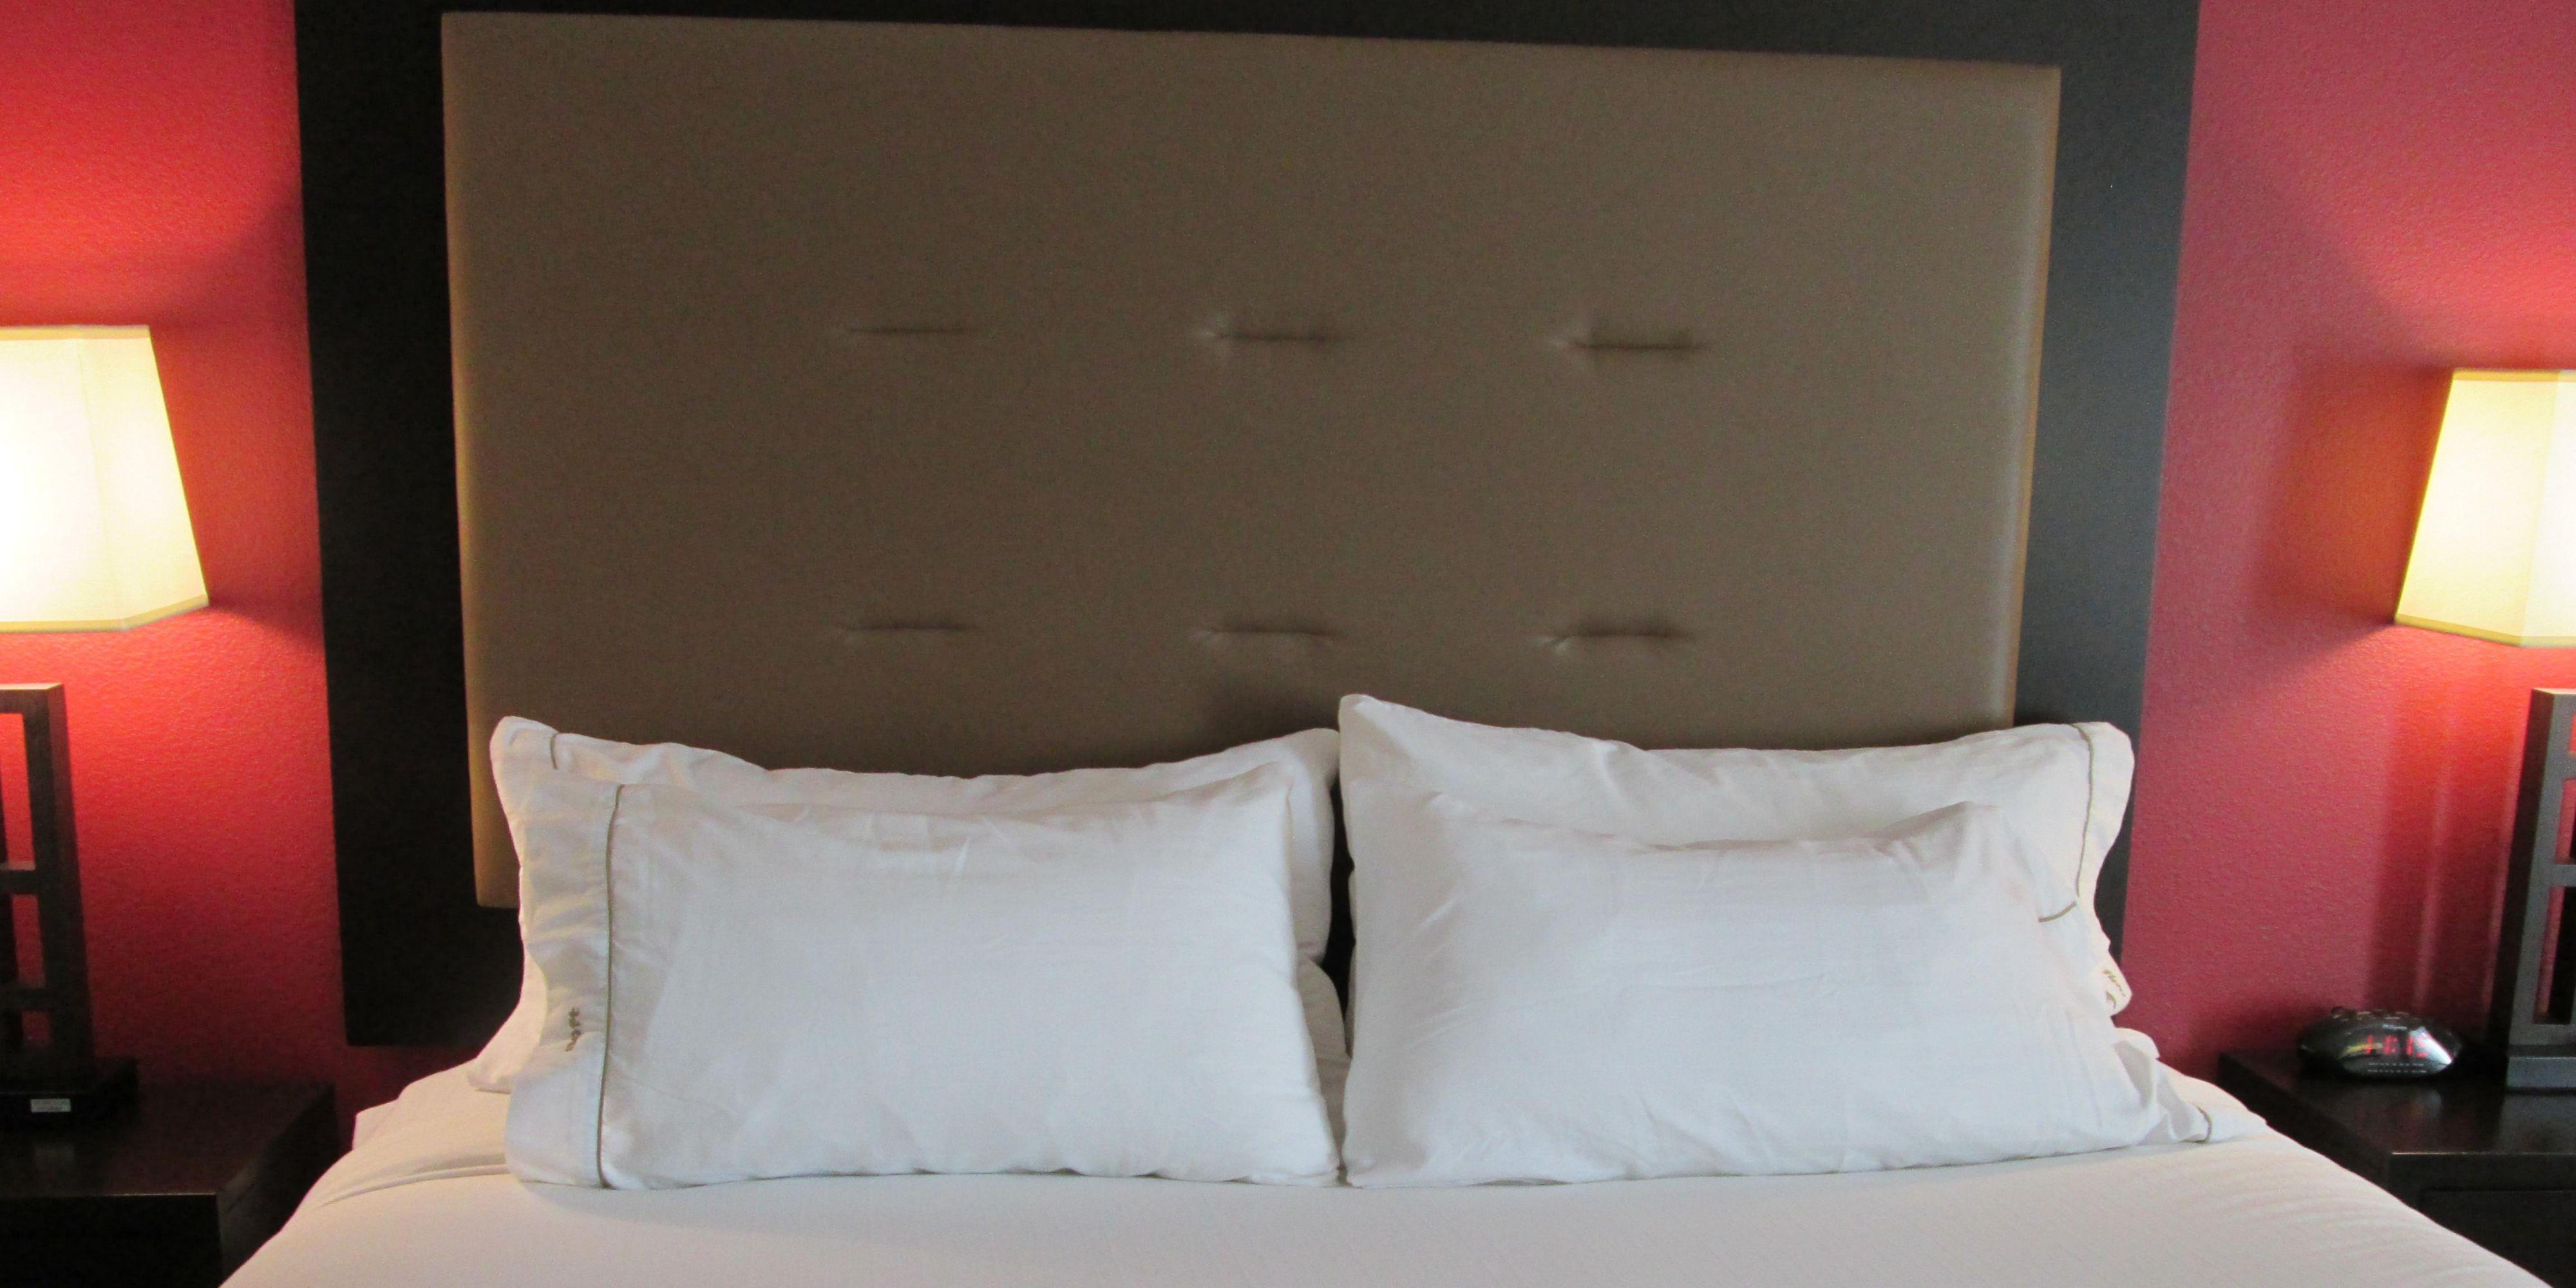 Holiday Inn Express Cloverdale 3649611909 2x1